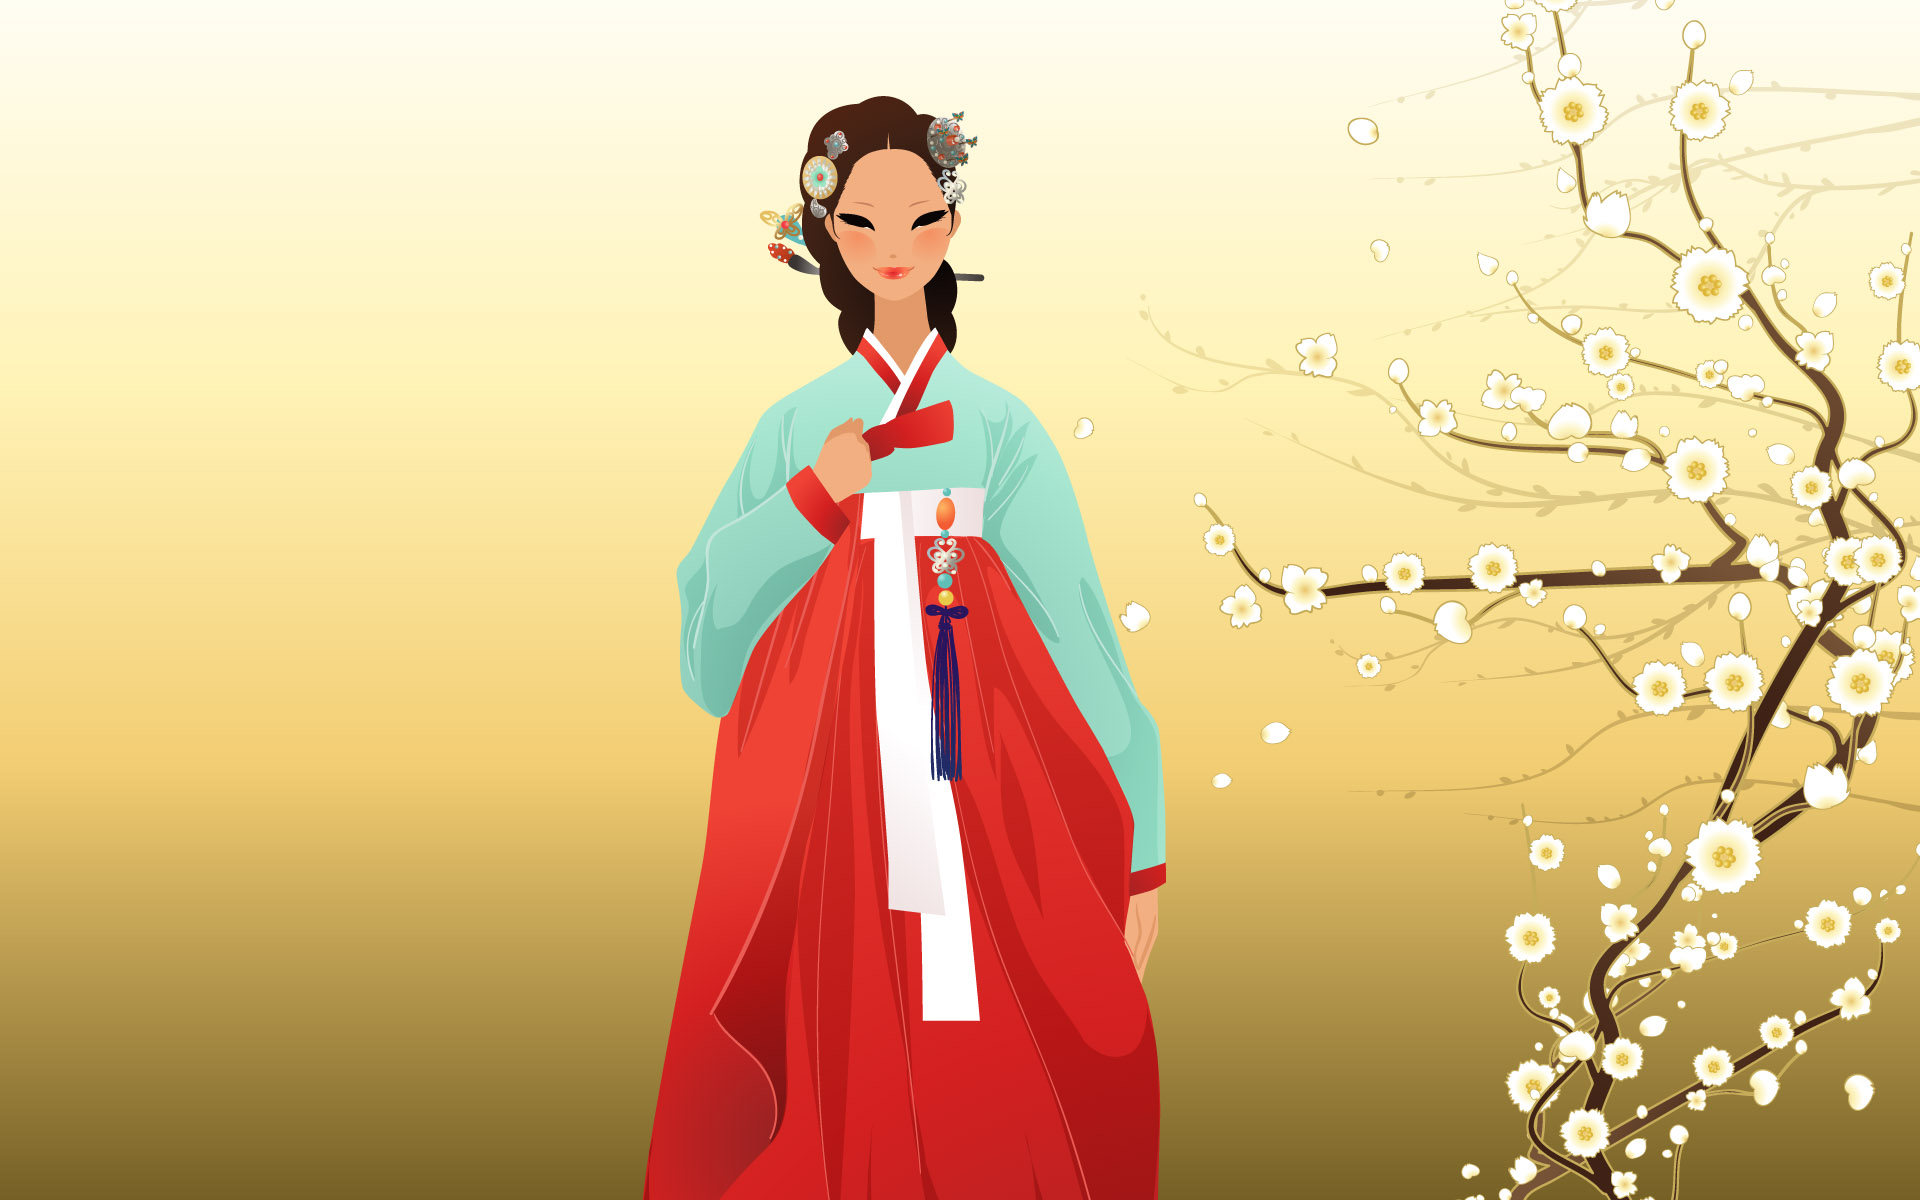 手绘朝鲜族插画简介(40P)[中国PhotoShop美女身资源美女头八图片